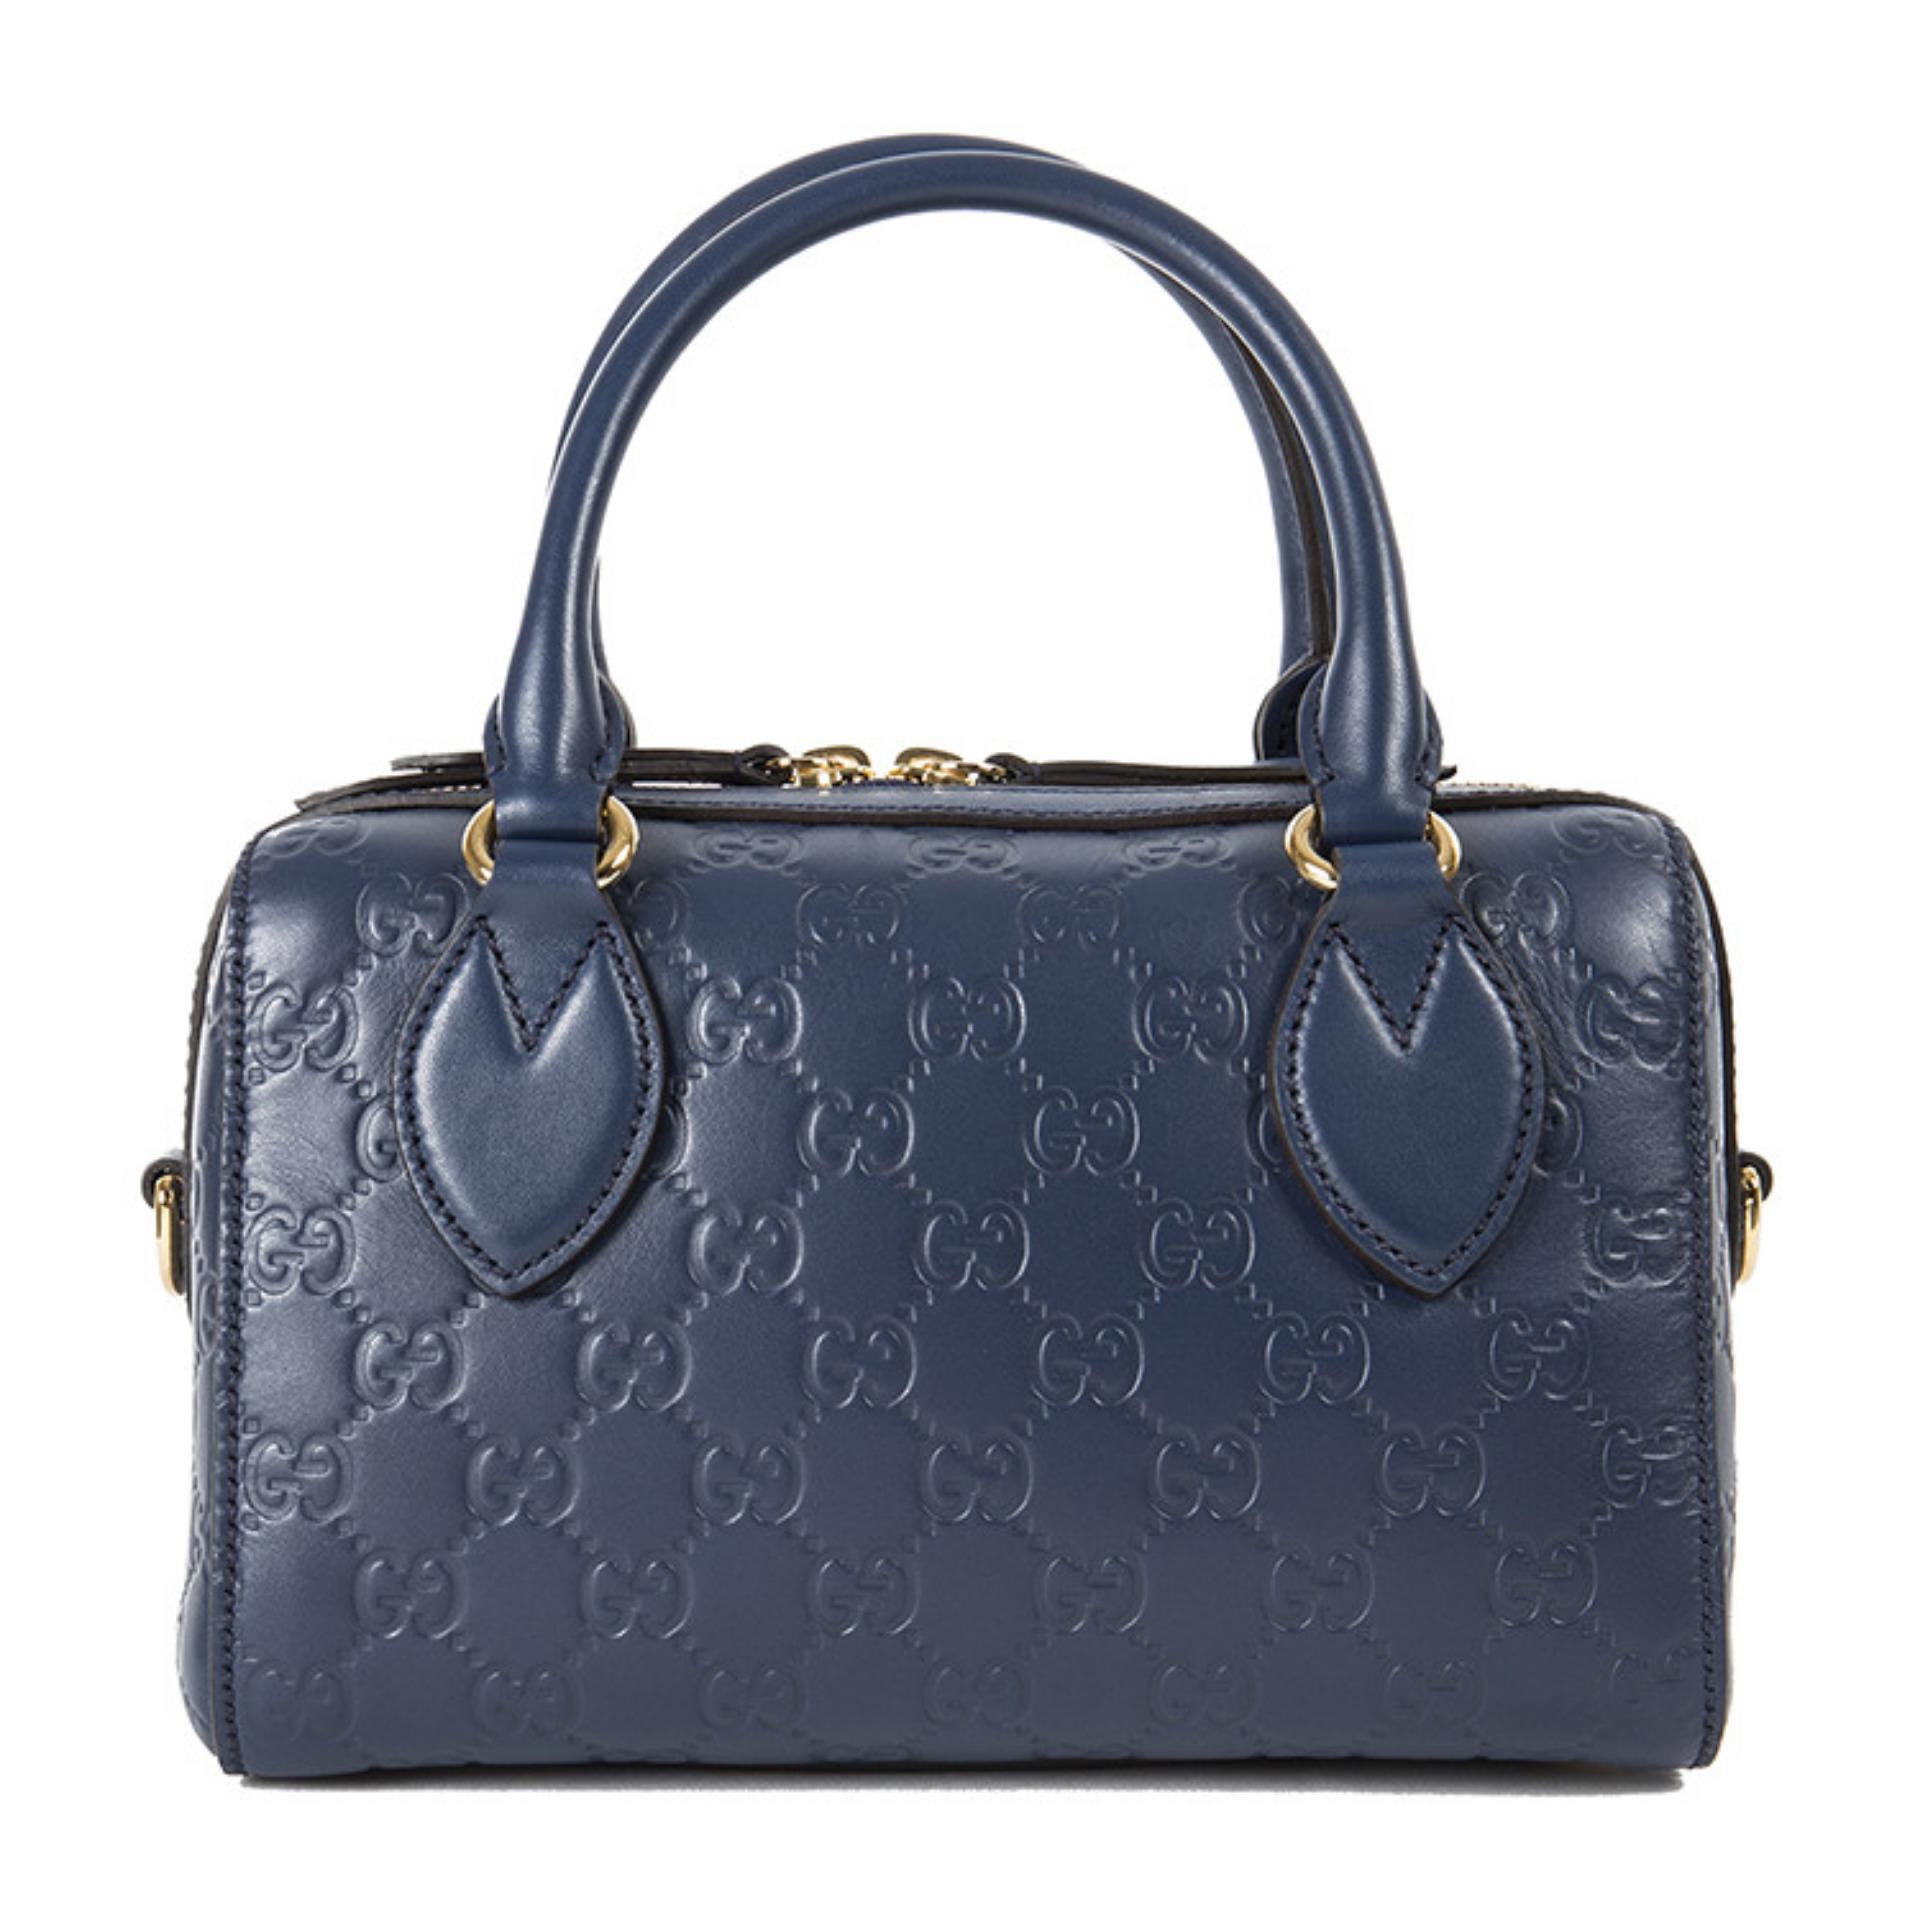 63ac25a05bb Gucci Signature Small Top Handle Bag (Blue)   475842DMT1G4157